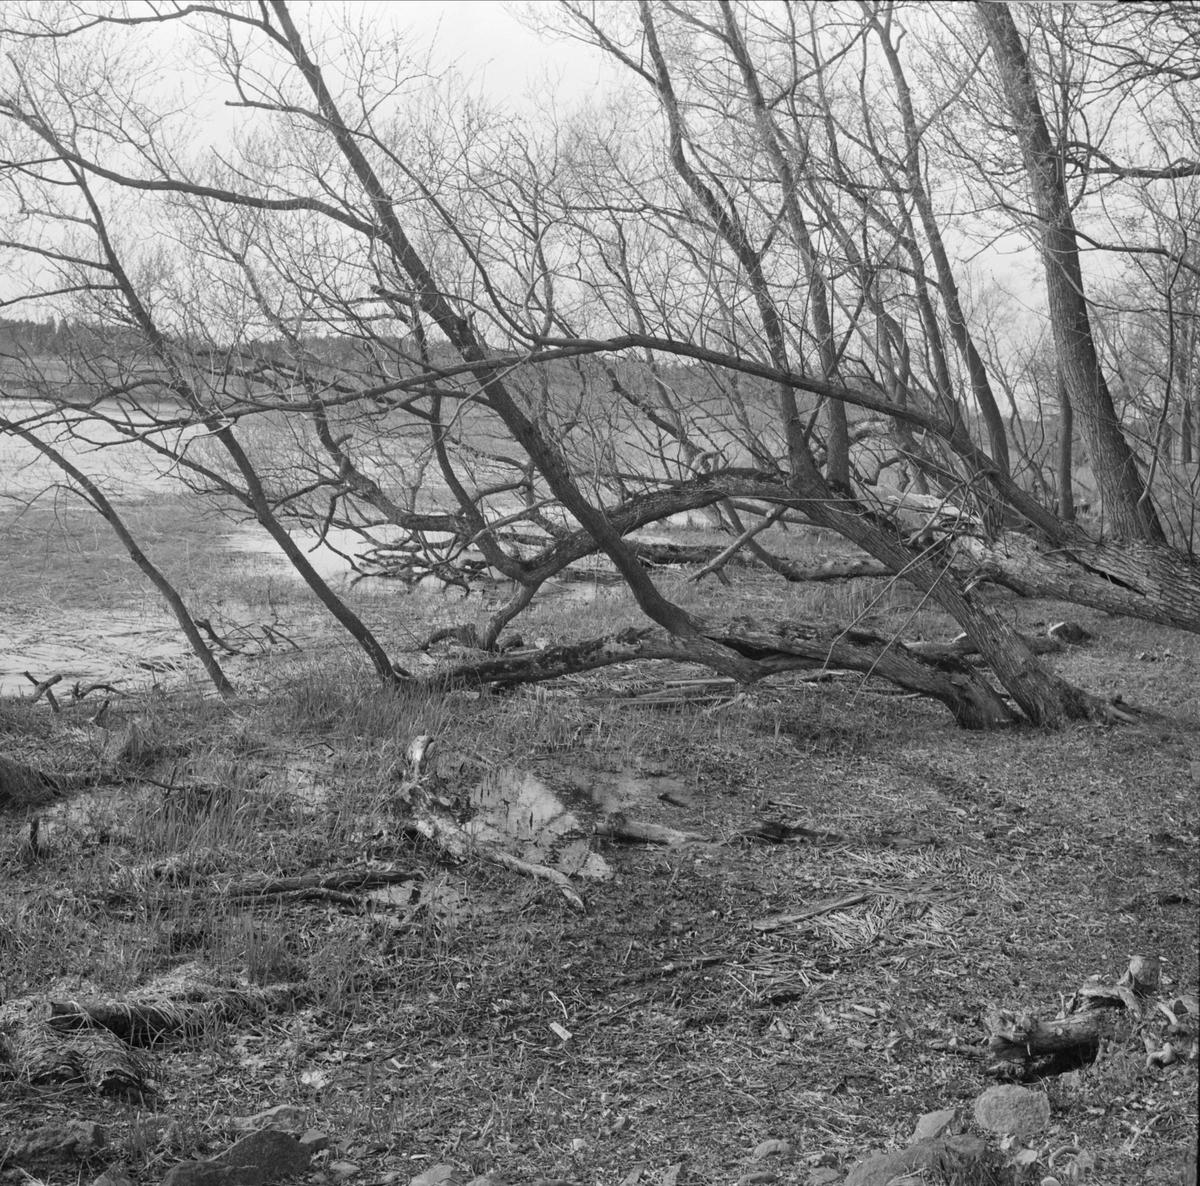 Lårstavikens strand vid Wiks slott, Balingsta socken, Uppland 1965